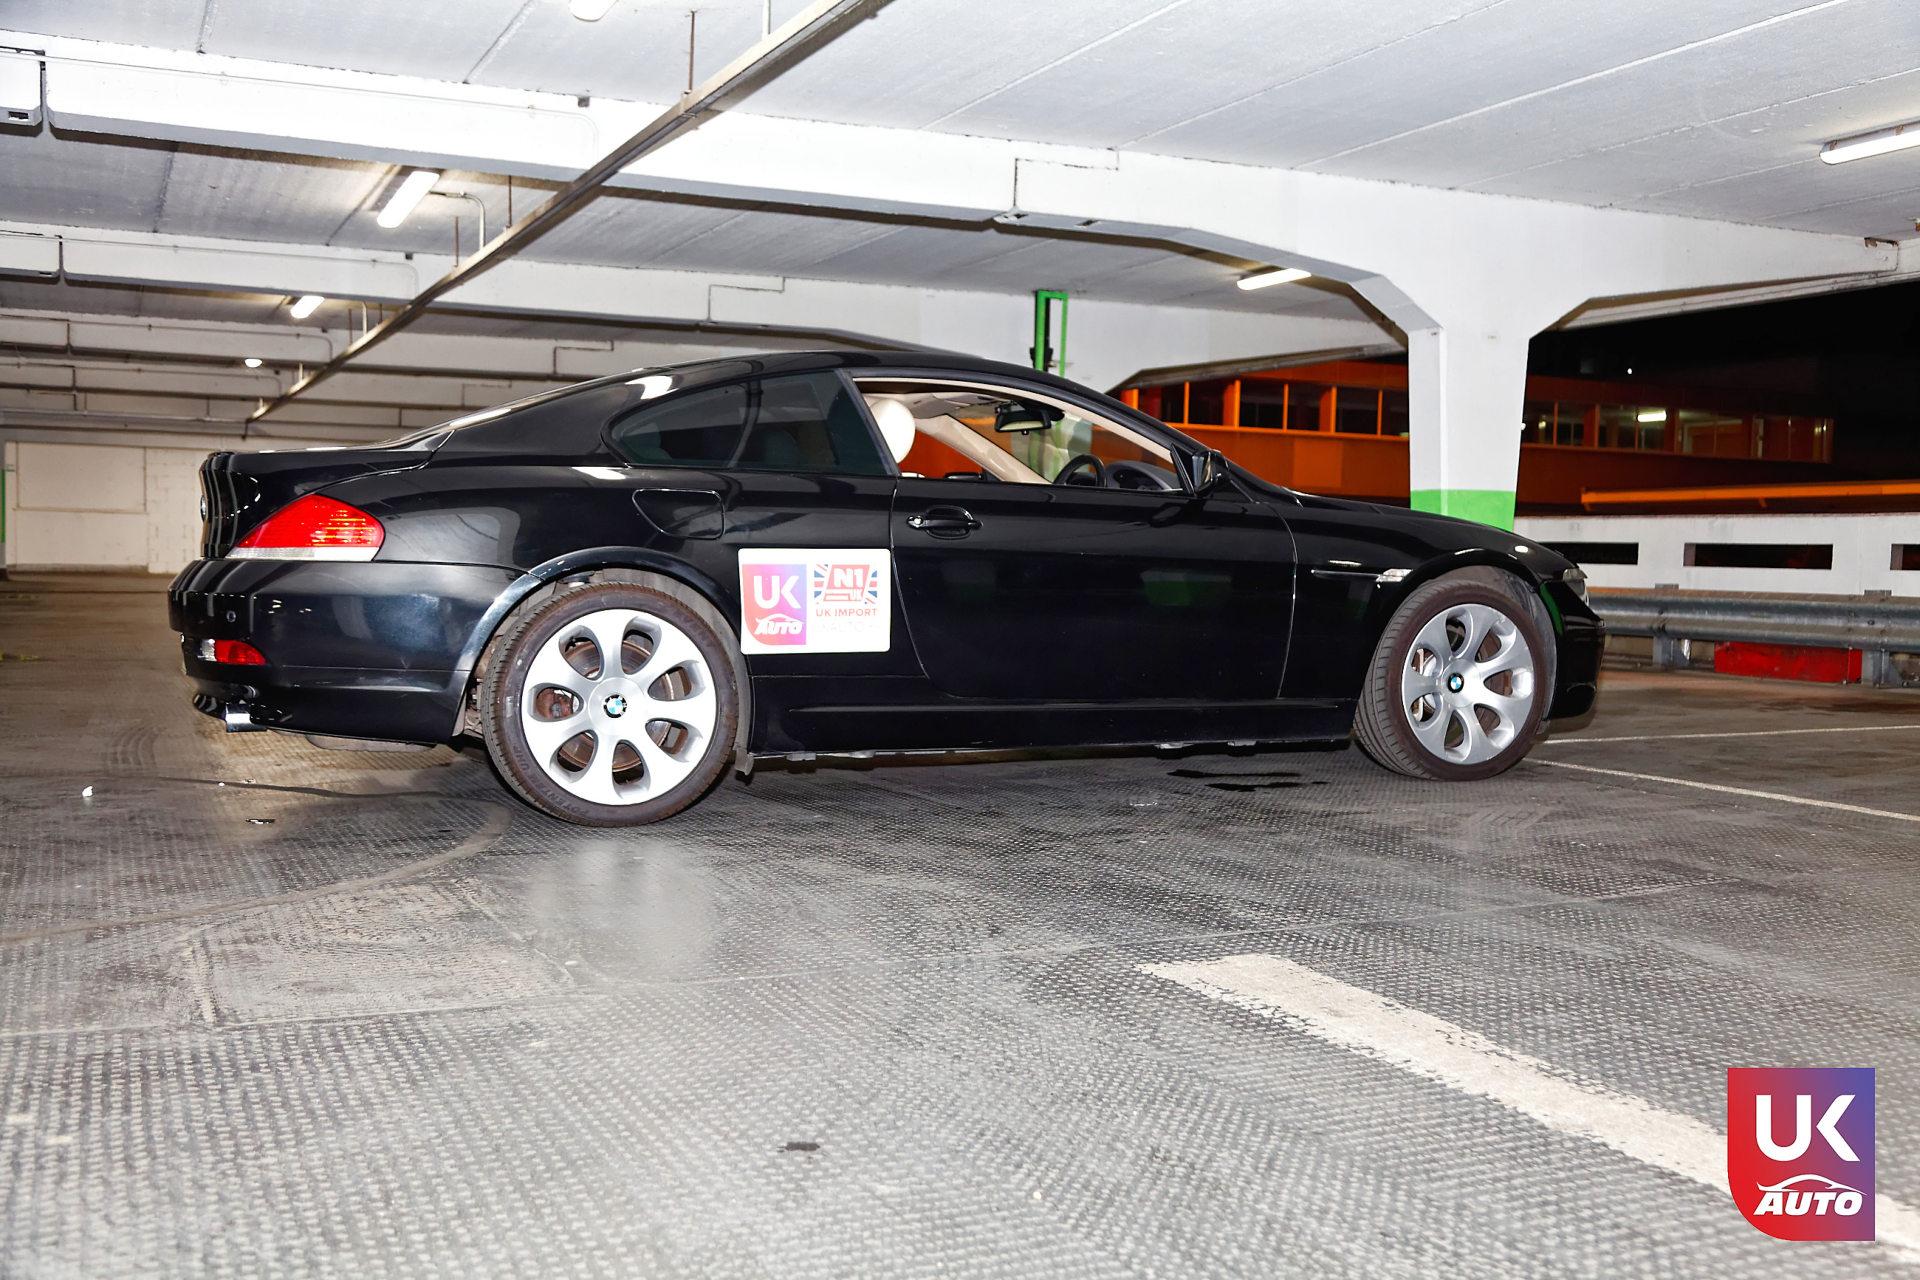 Bmw 645ci v8 import rhd bmw uk import rhd angleterre voiture anglaise bmw 645ci v83 DxO - BMW UK IMPORT BMW 645CI V8 ACHAT A LONDRES BMW IMPORT RHD FELICITATION A DAVID